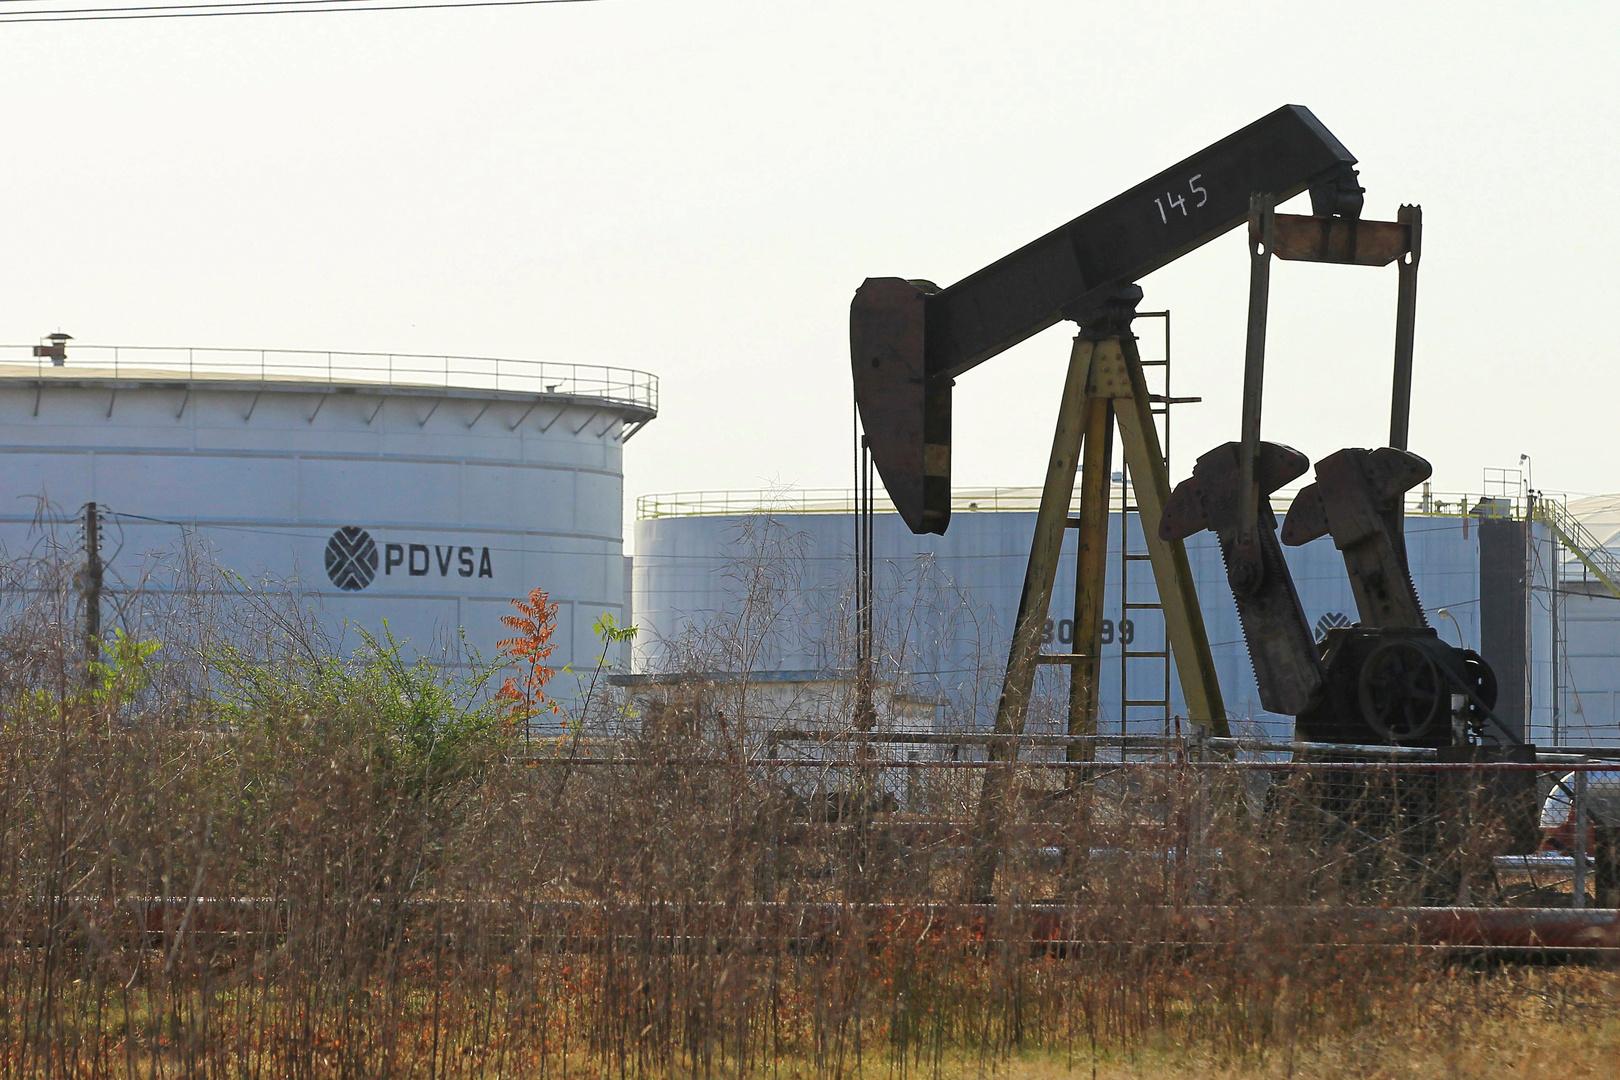 صادرات فنزويلا من النفط تصل إلى أعلى مستوى لها منذ 5 أشهر